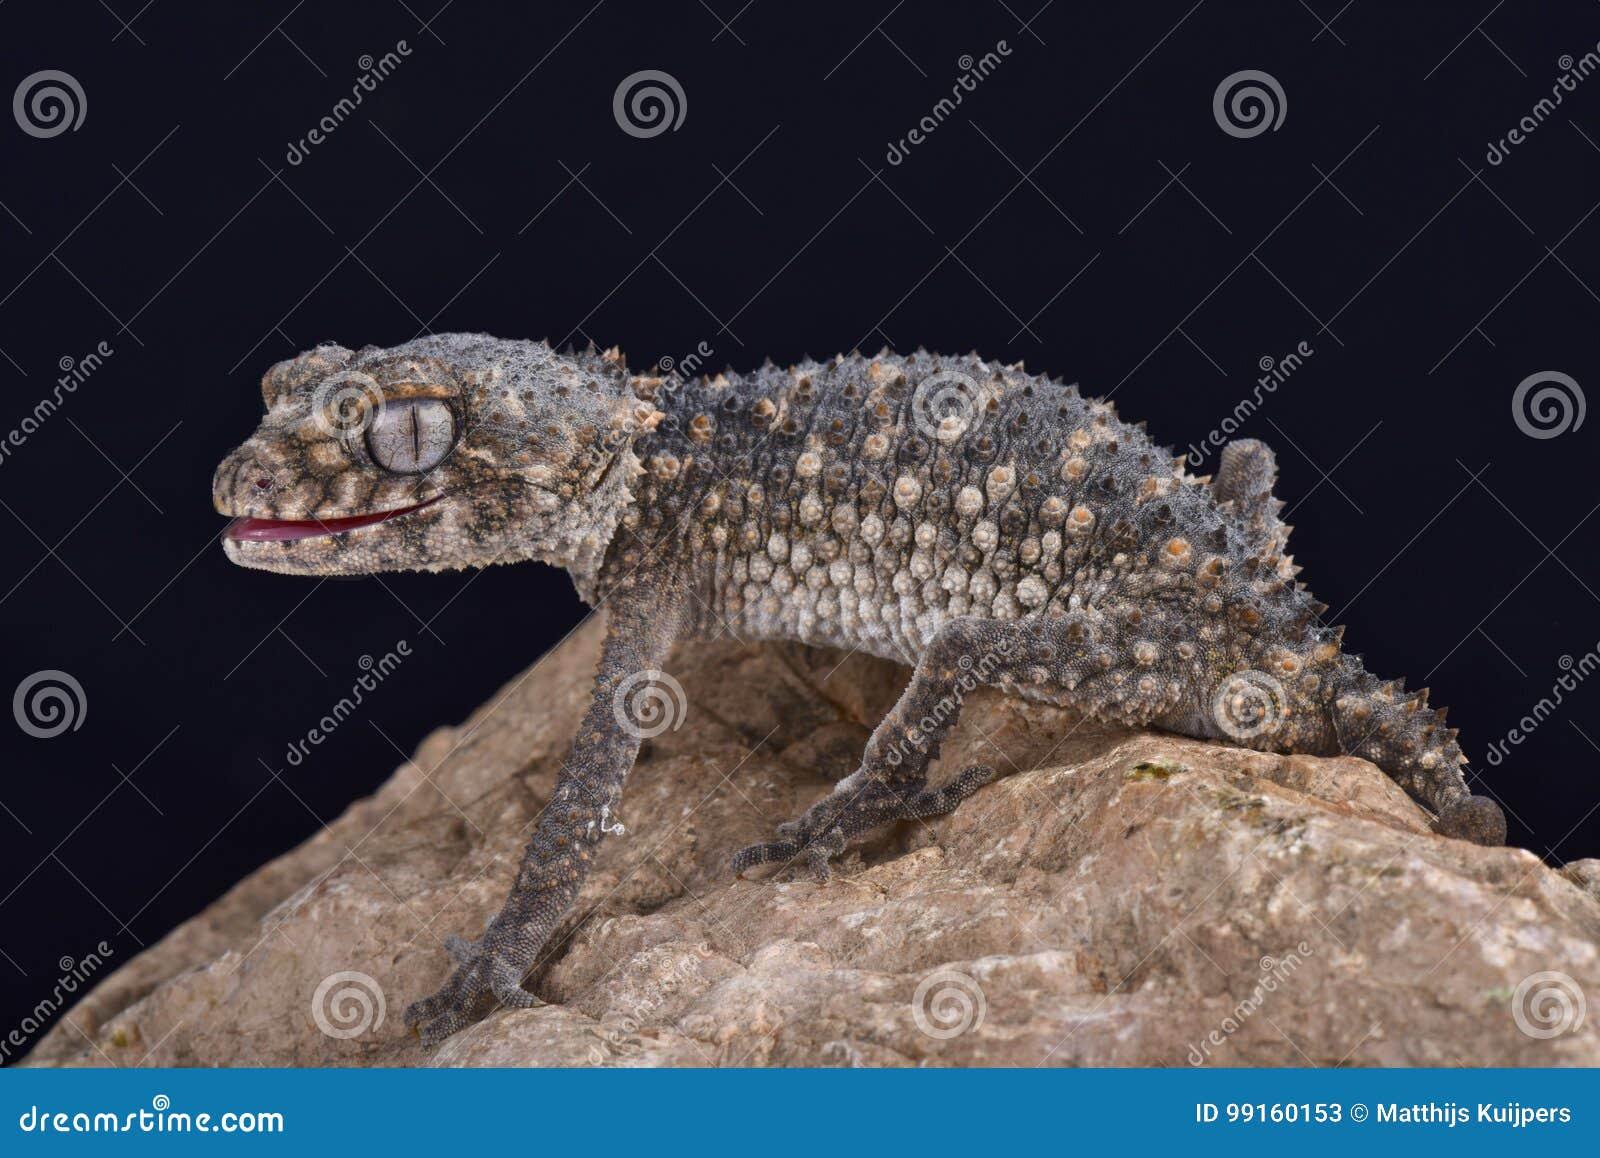 Gecko bouton-coupé la queue épineux, asper de Nephrurus